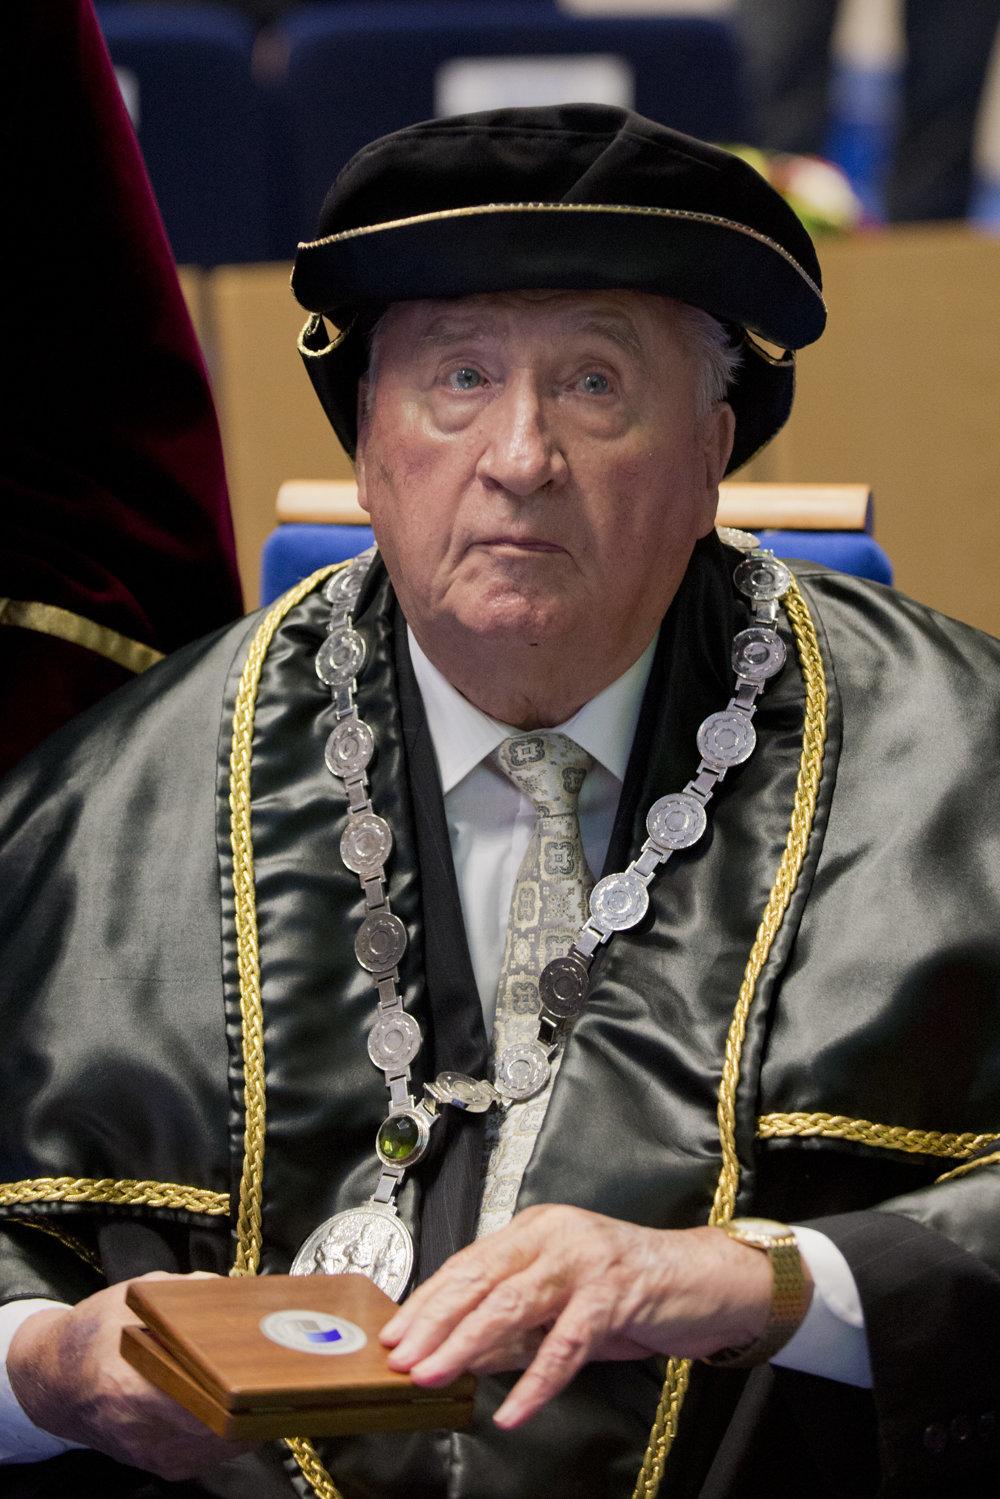 Udelením titulu doctor honoris causa Ekonomickej univerzity prvému prezidentovi SR Michalovi Kováčovi, 3. decembra 2014.